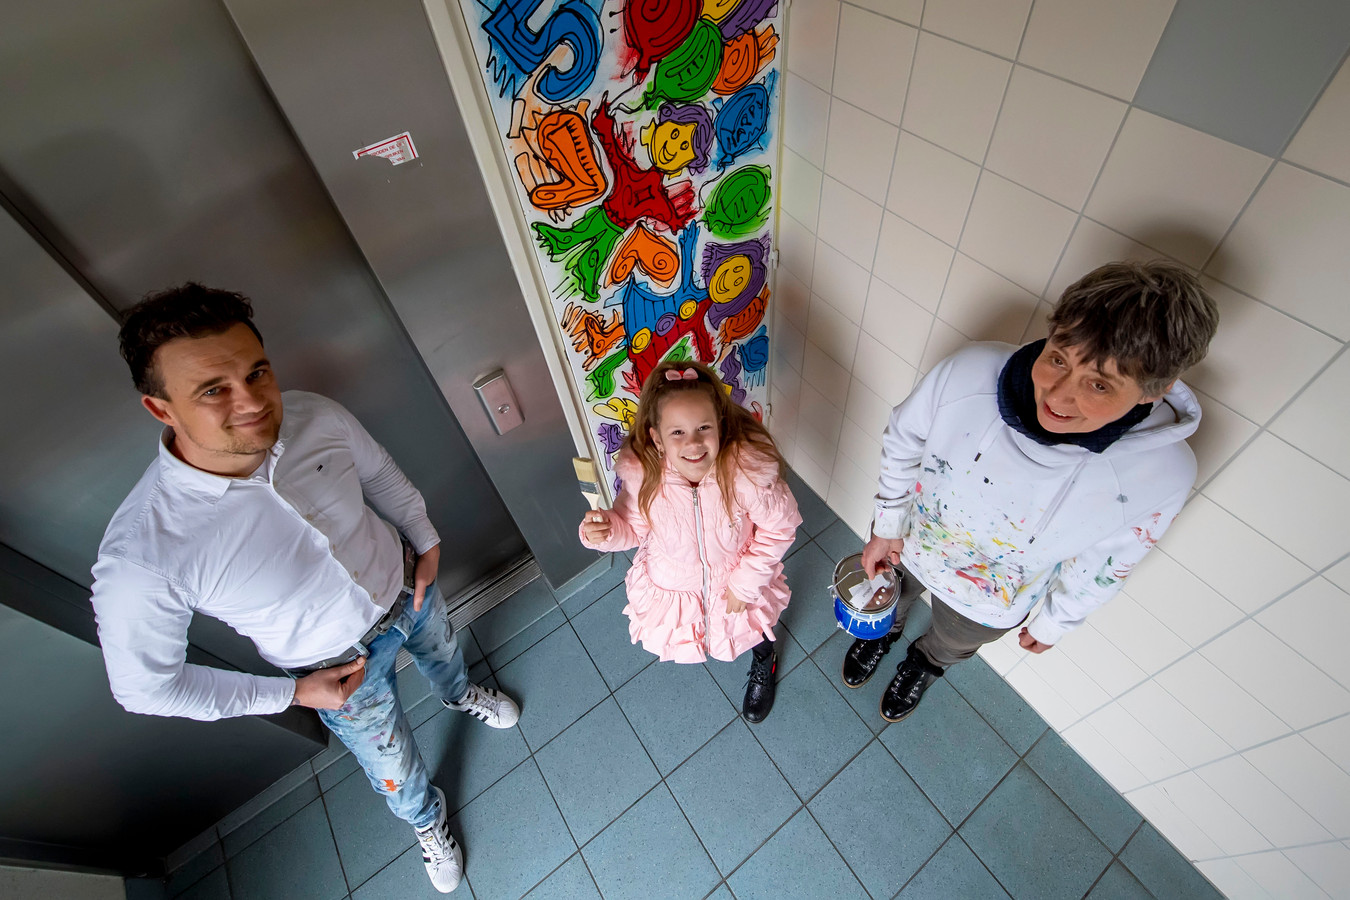 v.l.n.r. : kunstenaar Iwaz, Macey (buurtbewoner) & initiatiefneemster Anny Luijsterburg bij één van de schilderingen in de Heiningen flats.